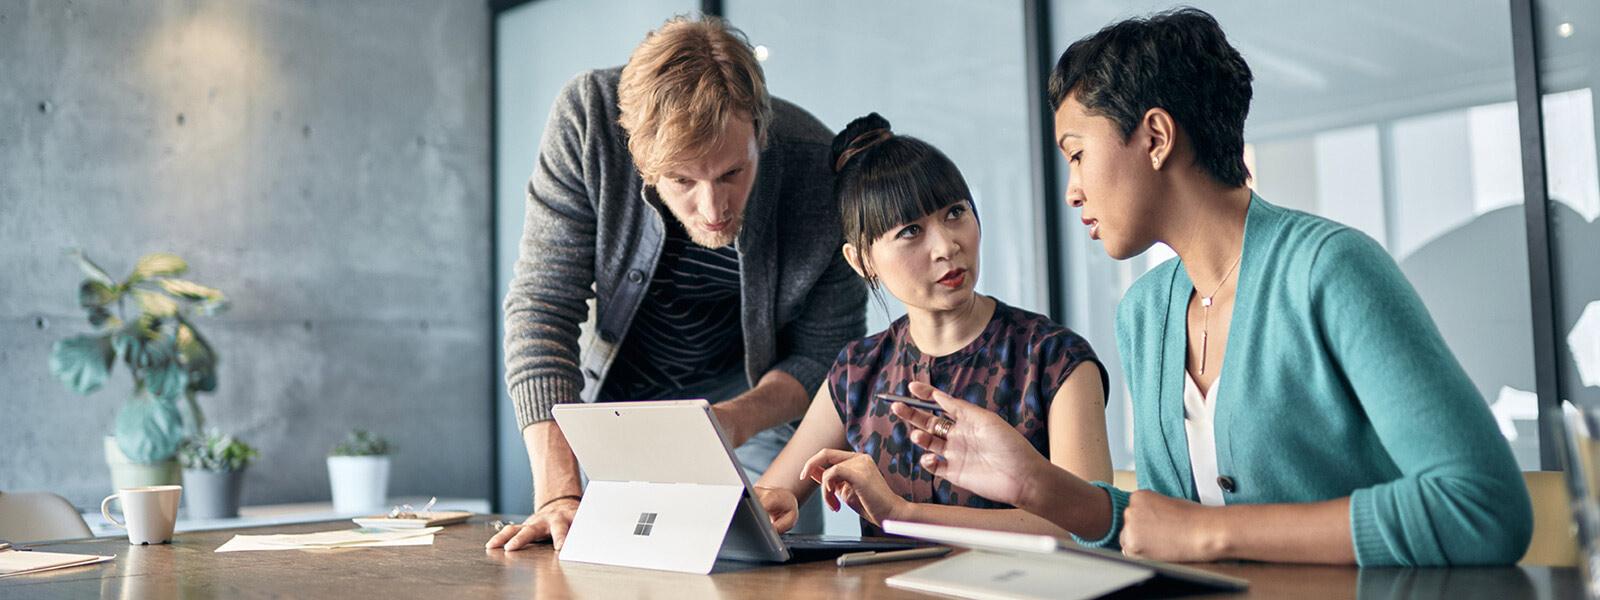 Trzy osoby patrzące na Surface Pro 4 w sali konferencyjnej